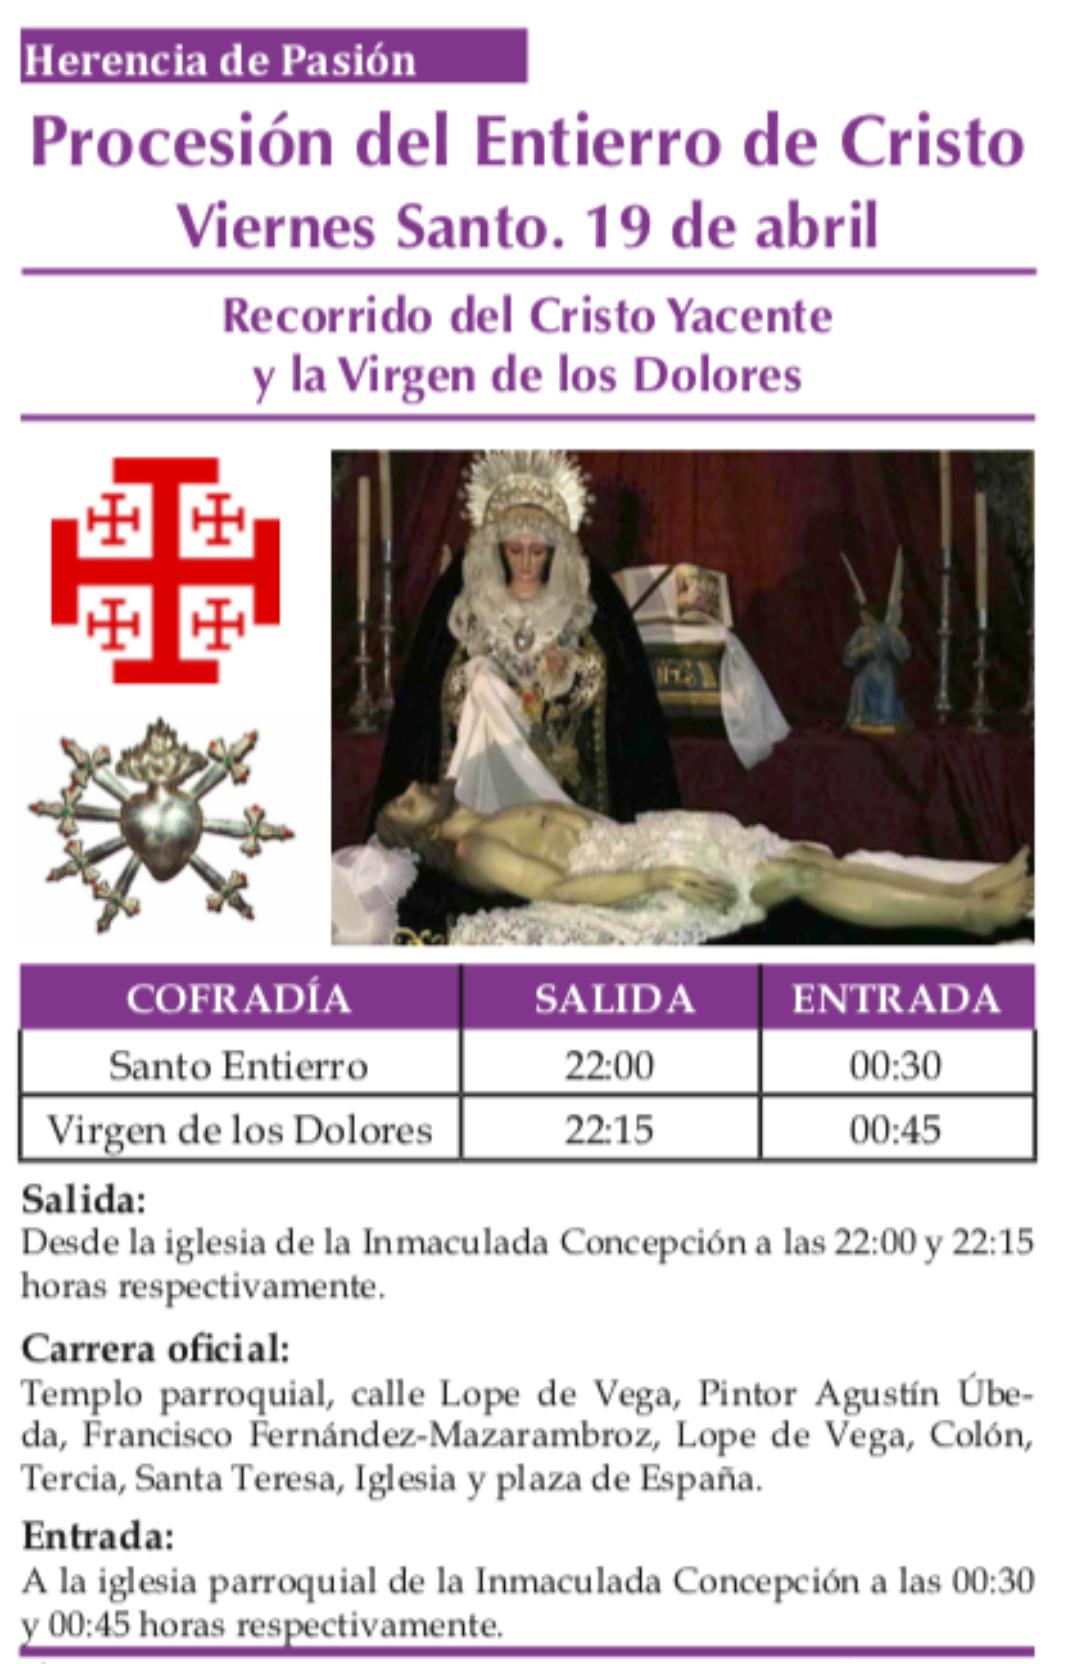 Recorrido y horarios de la procesión del Entierro de Cristo 3